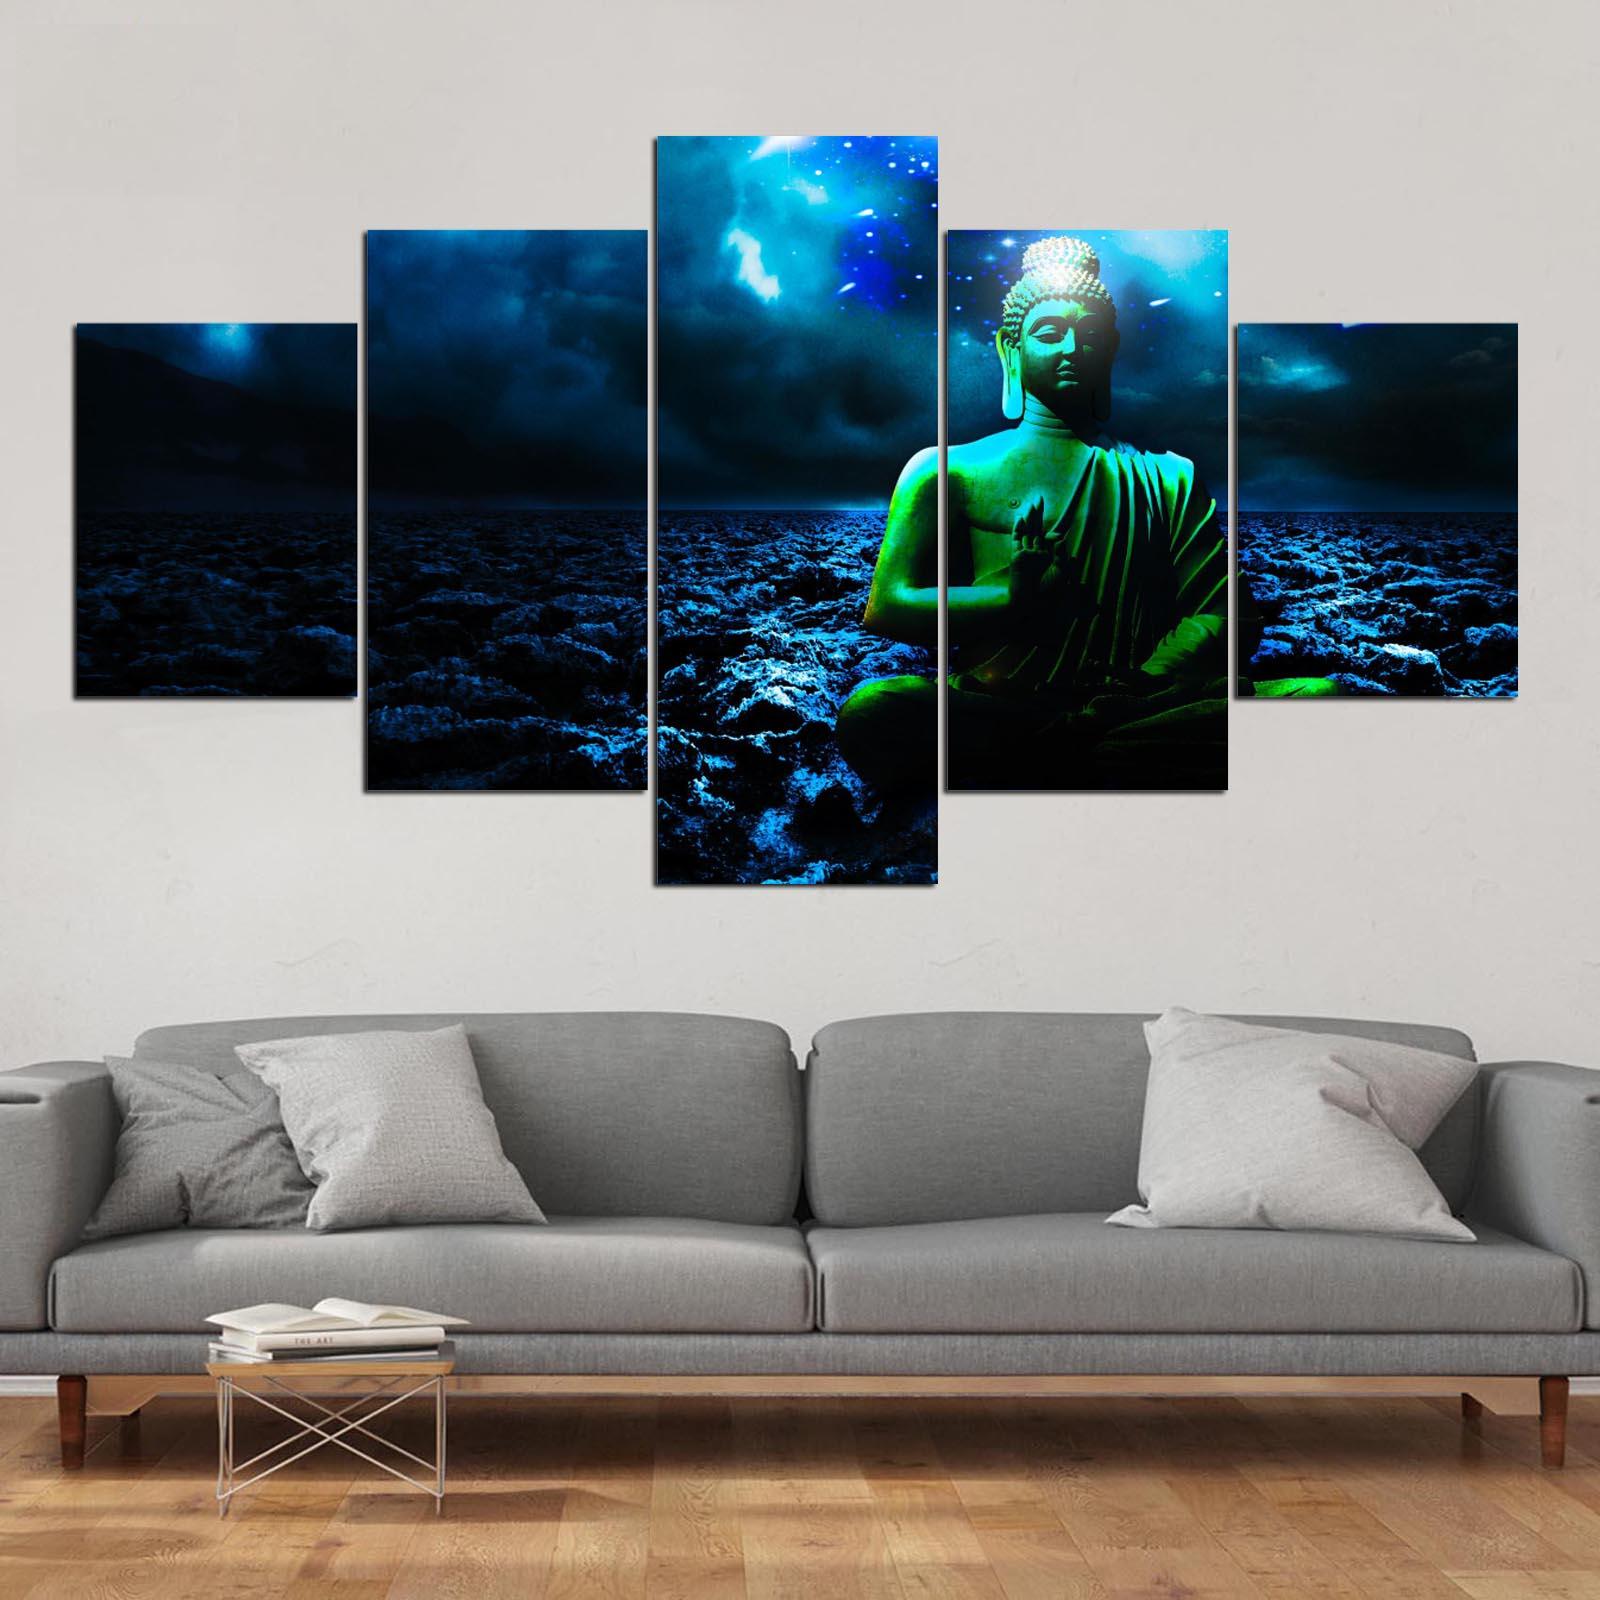 3-4-5 Stykker Buddha Fredsmaleri på lærred Rumdekoration Print - Indretning af hjemmet